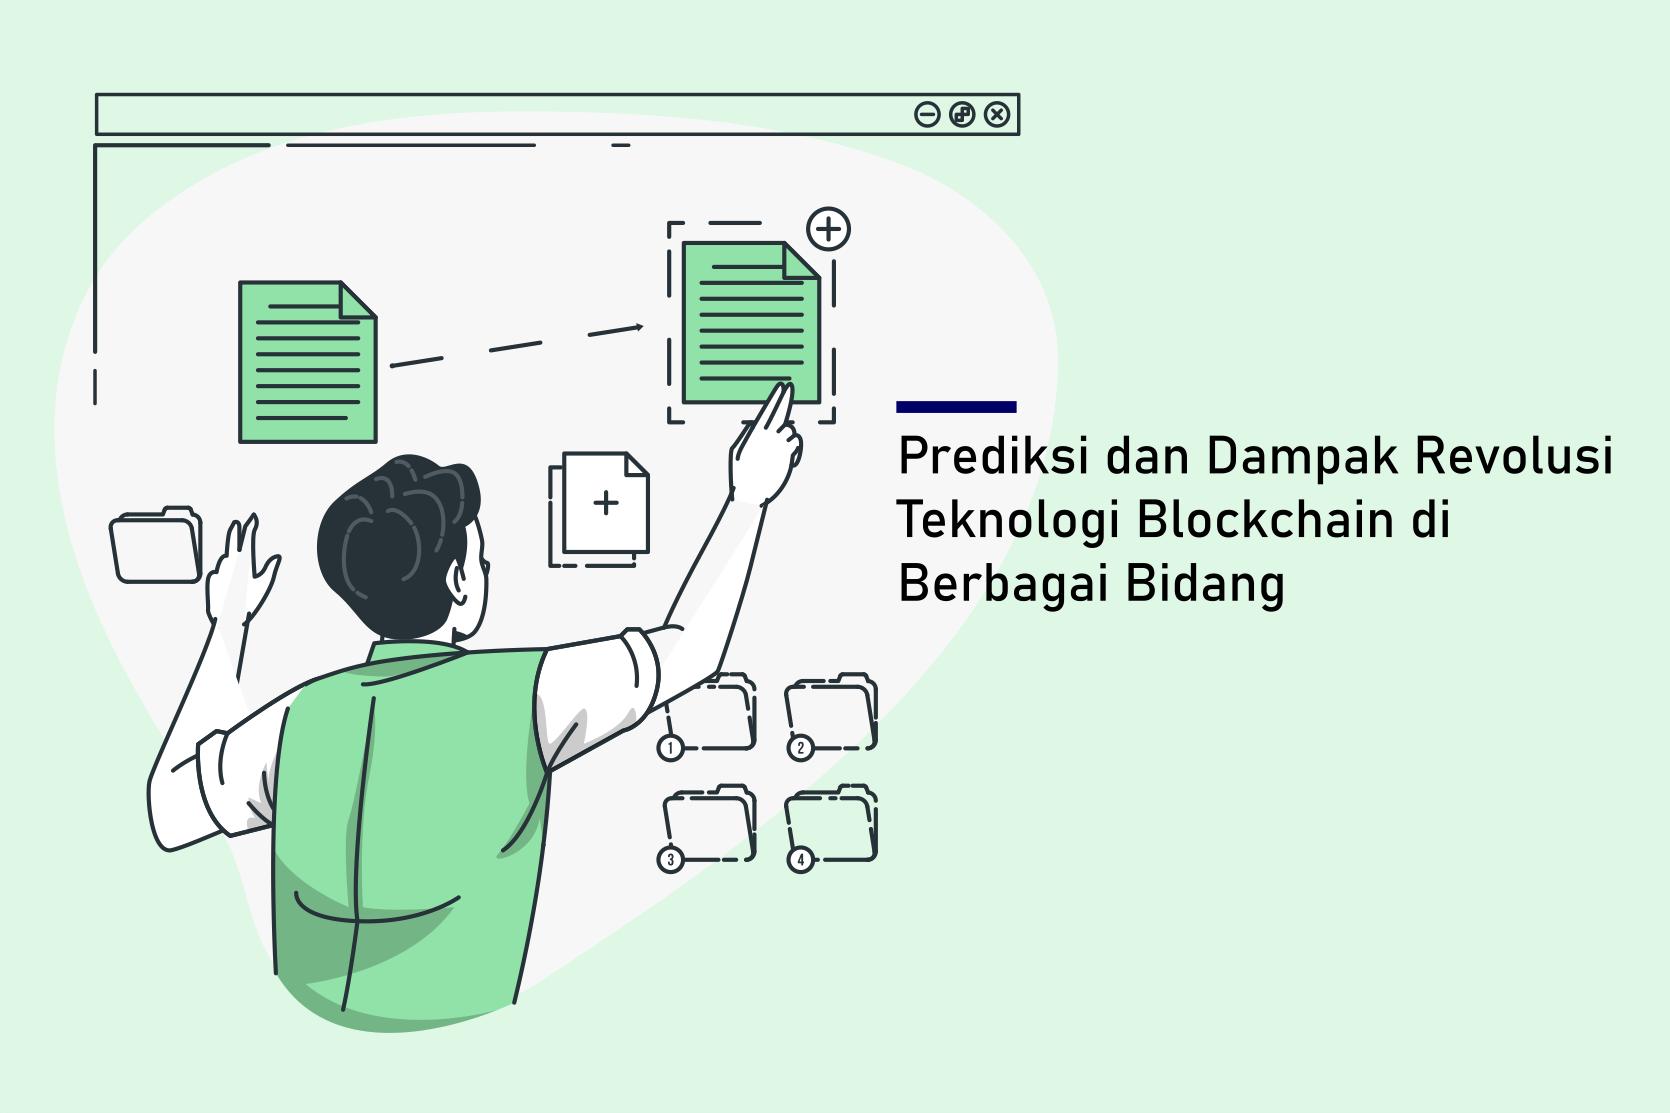 Prediksi dan Dampak Revolusi Teknologi Blockchain di Berbagai Bidang